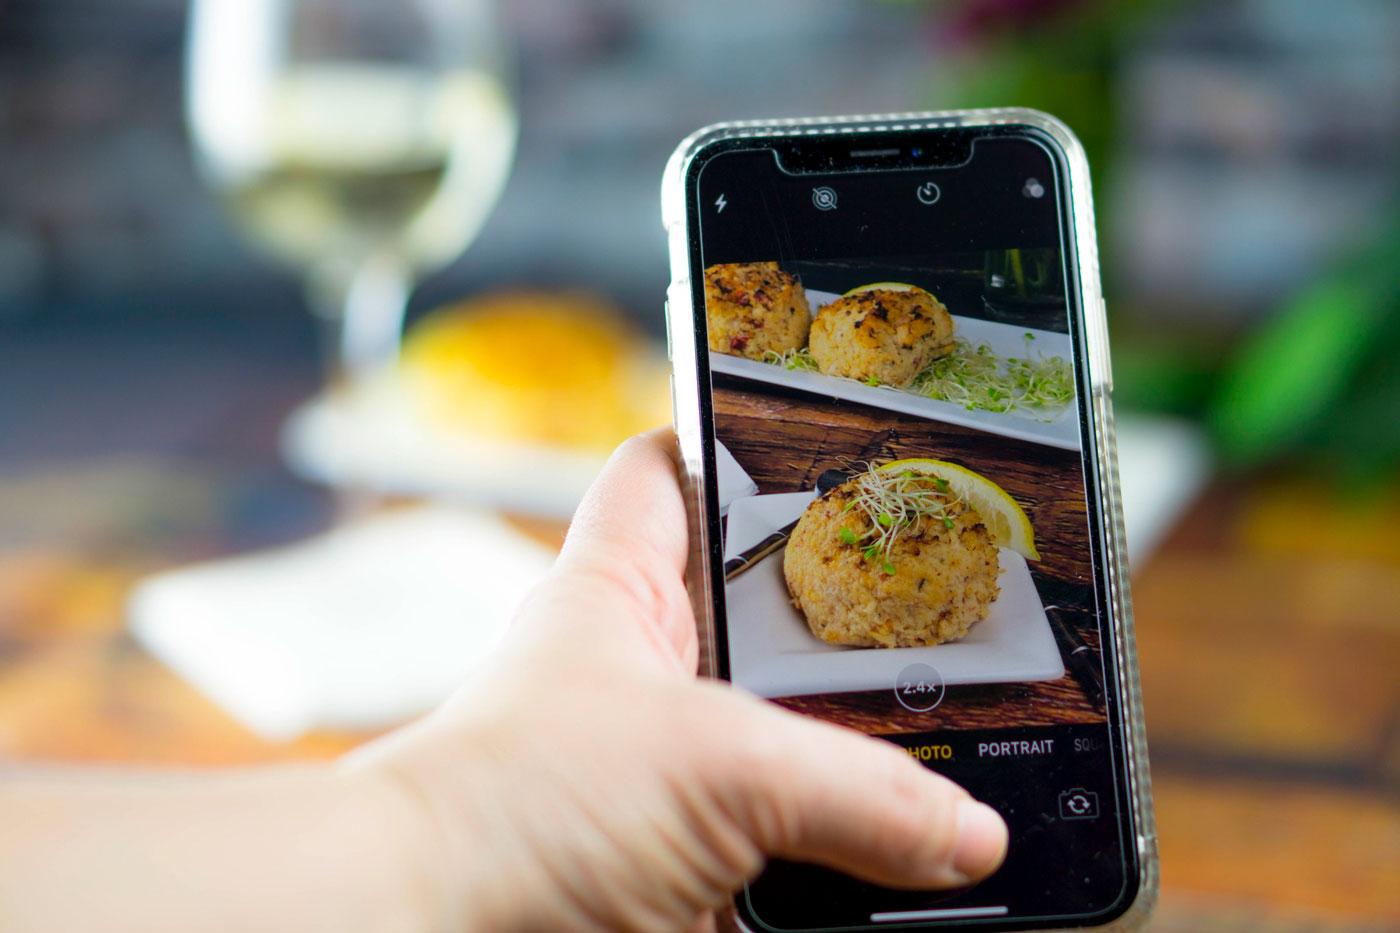 instagram-menu-sassy-gourmet-wine.jpg